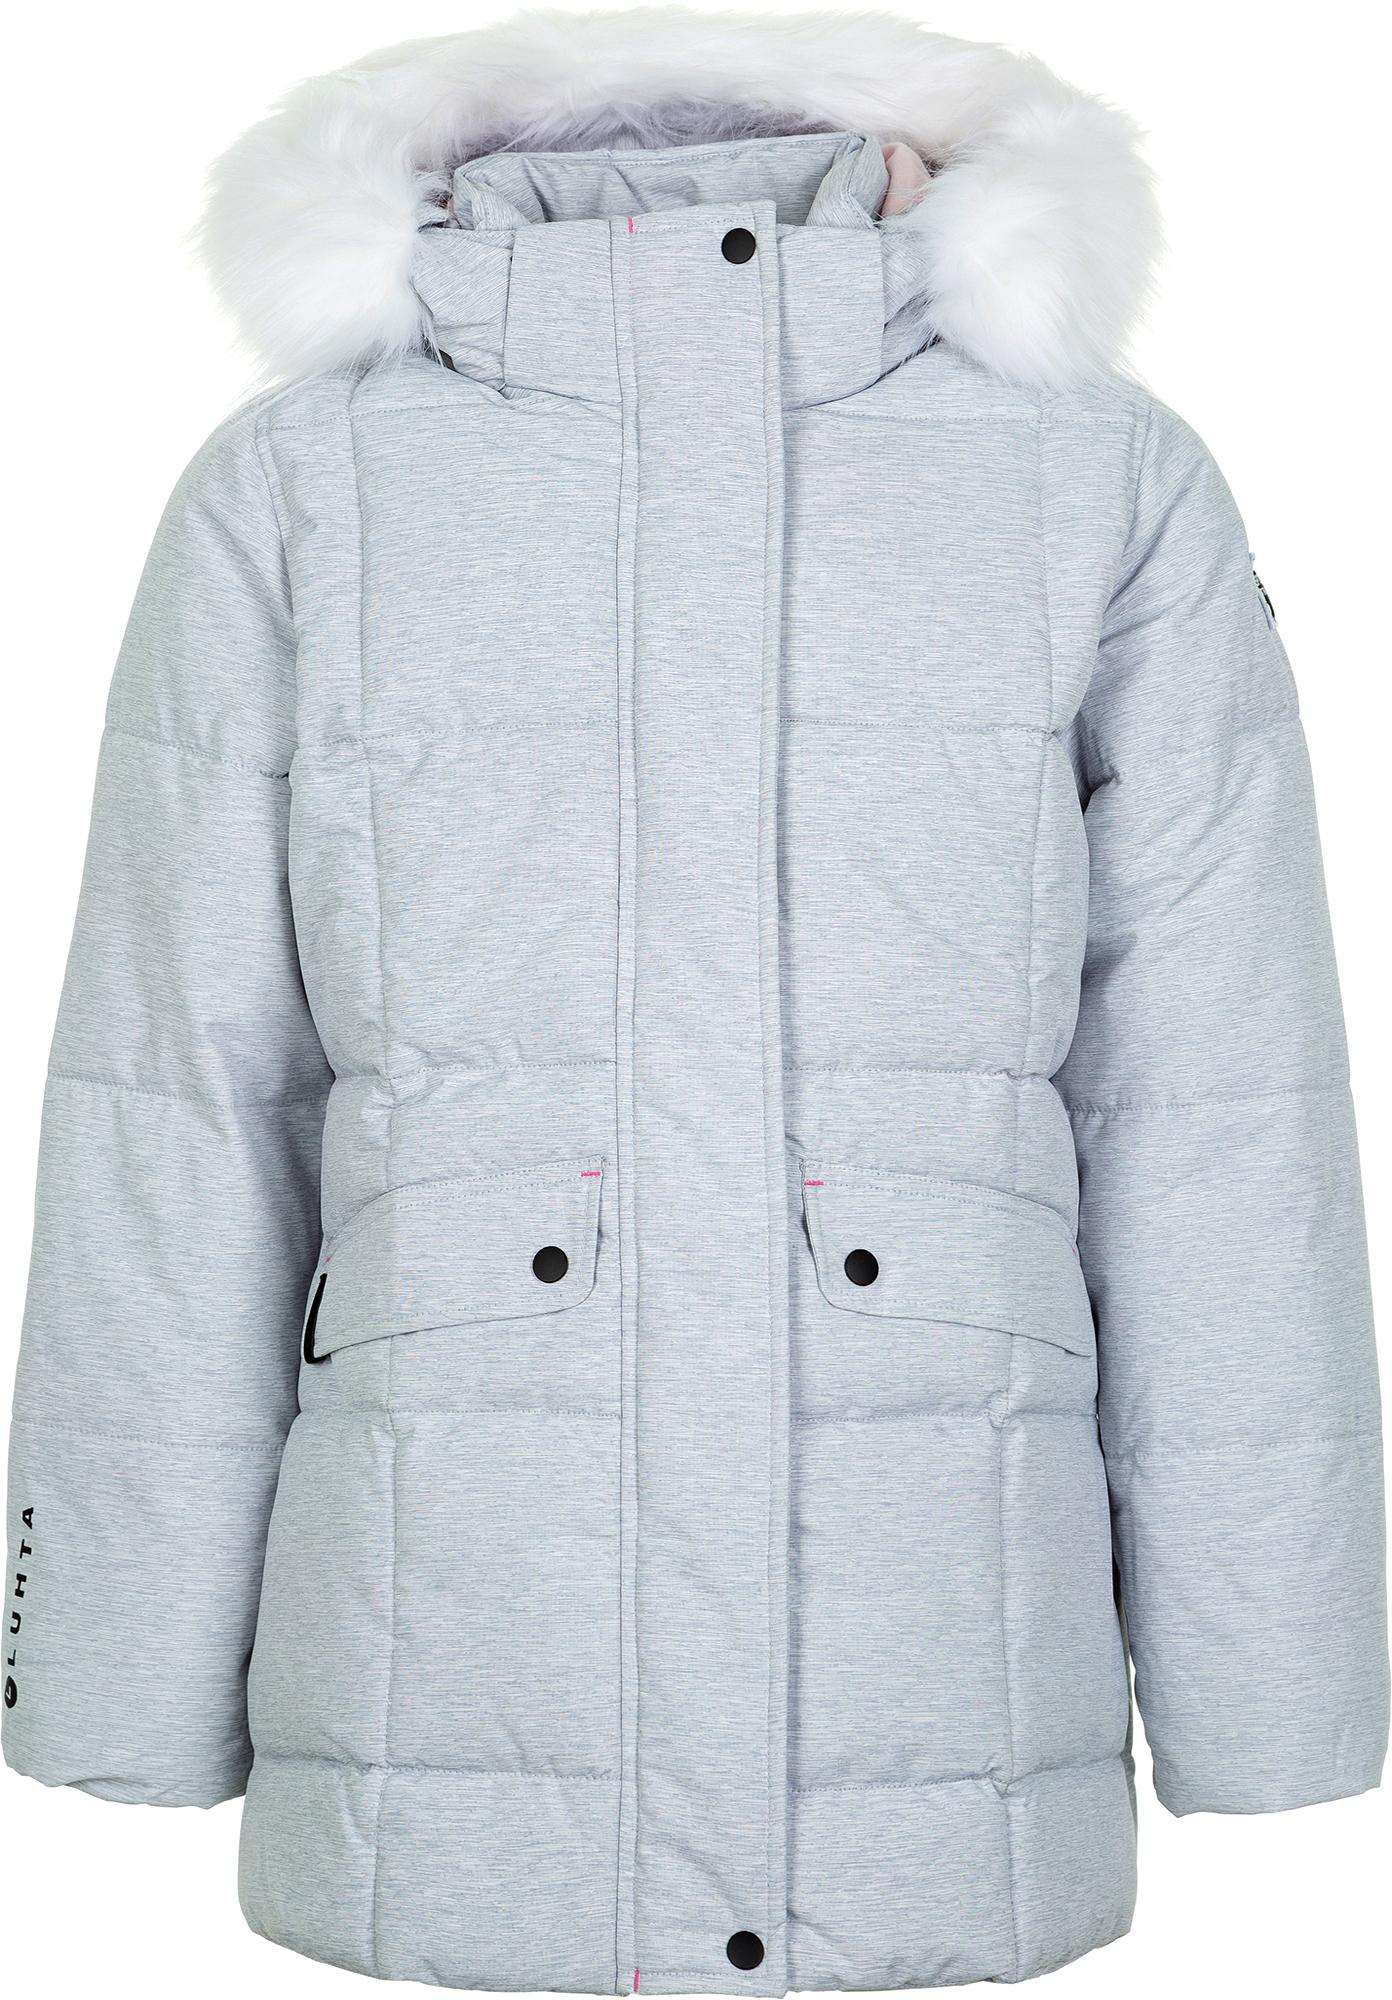 Luhta Куртка утепленная для девочек Luhta Lepola, размер 164 luhta куртка утепленная женская luhta petre размер 52